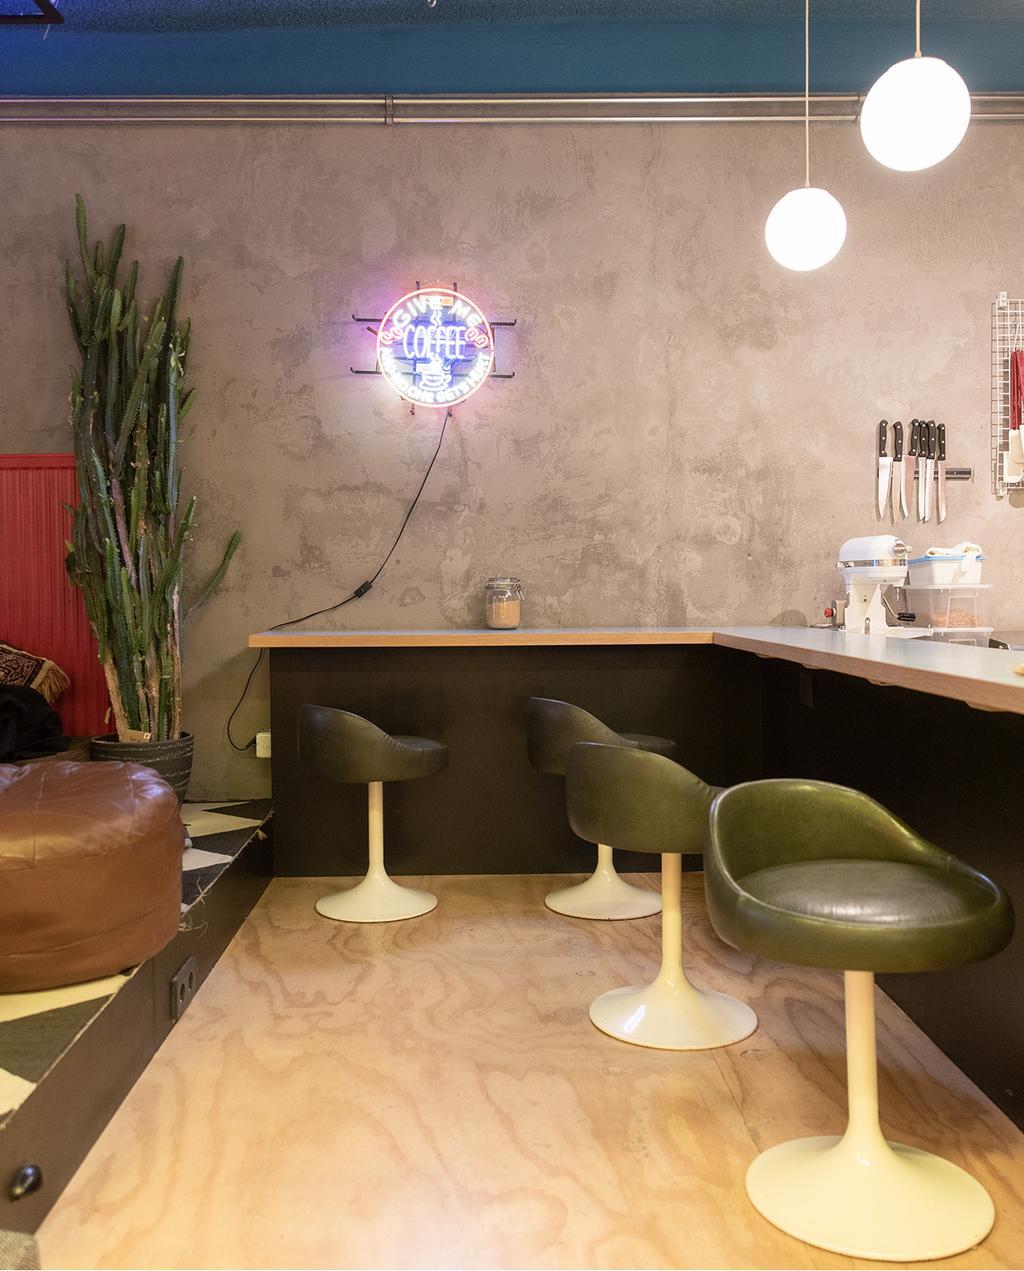 vtwonen 04-2020 | Koffie Leute Brauhaus Utrecht